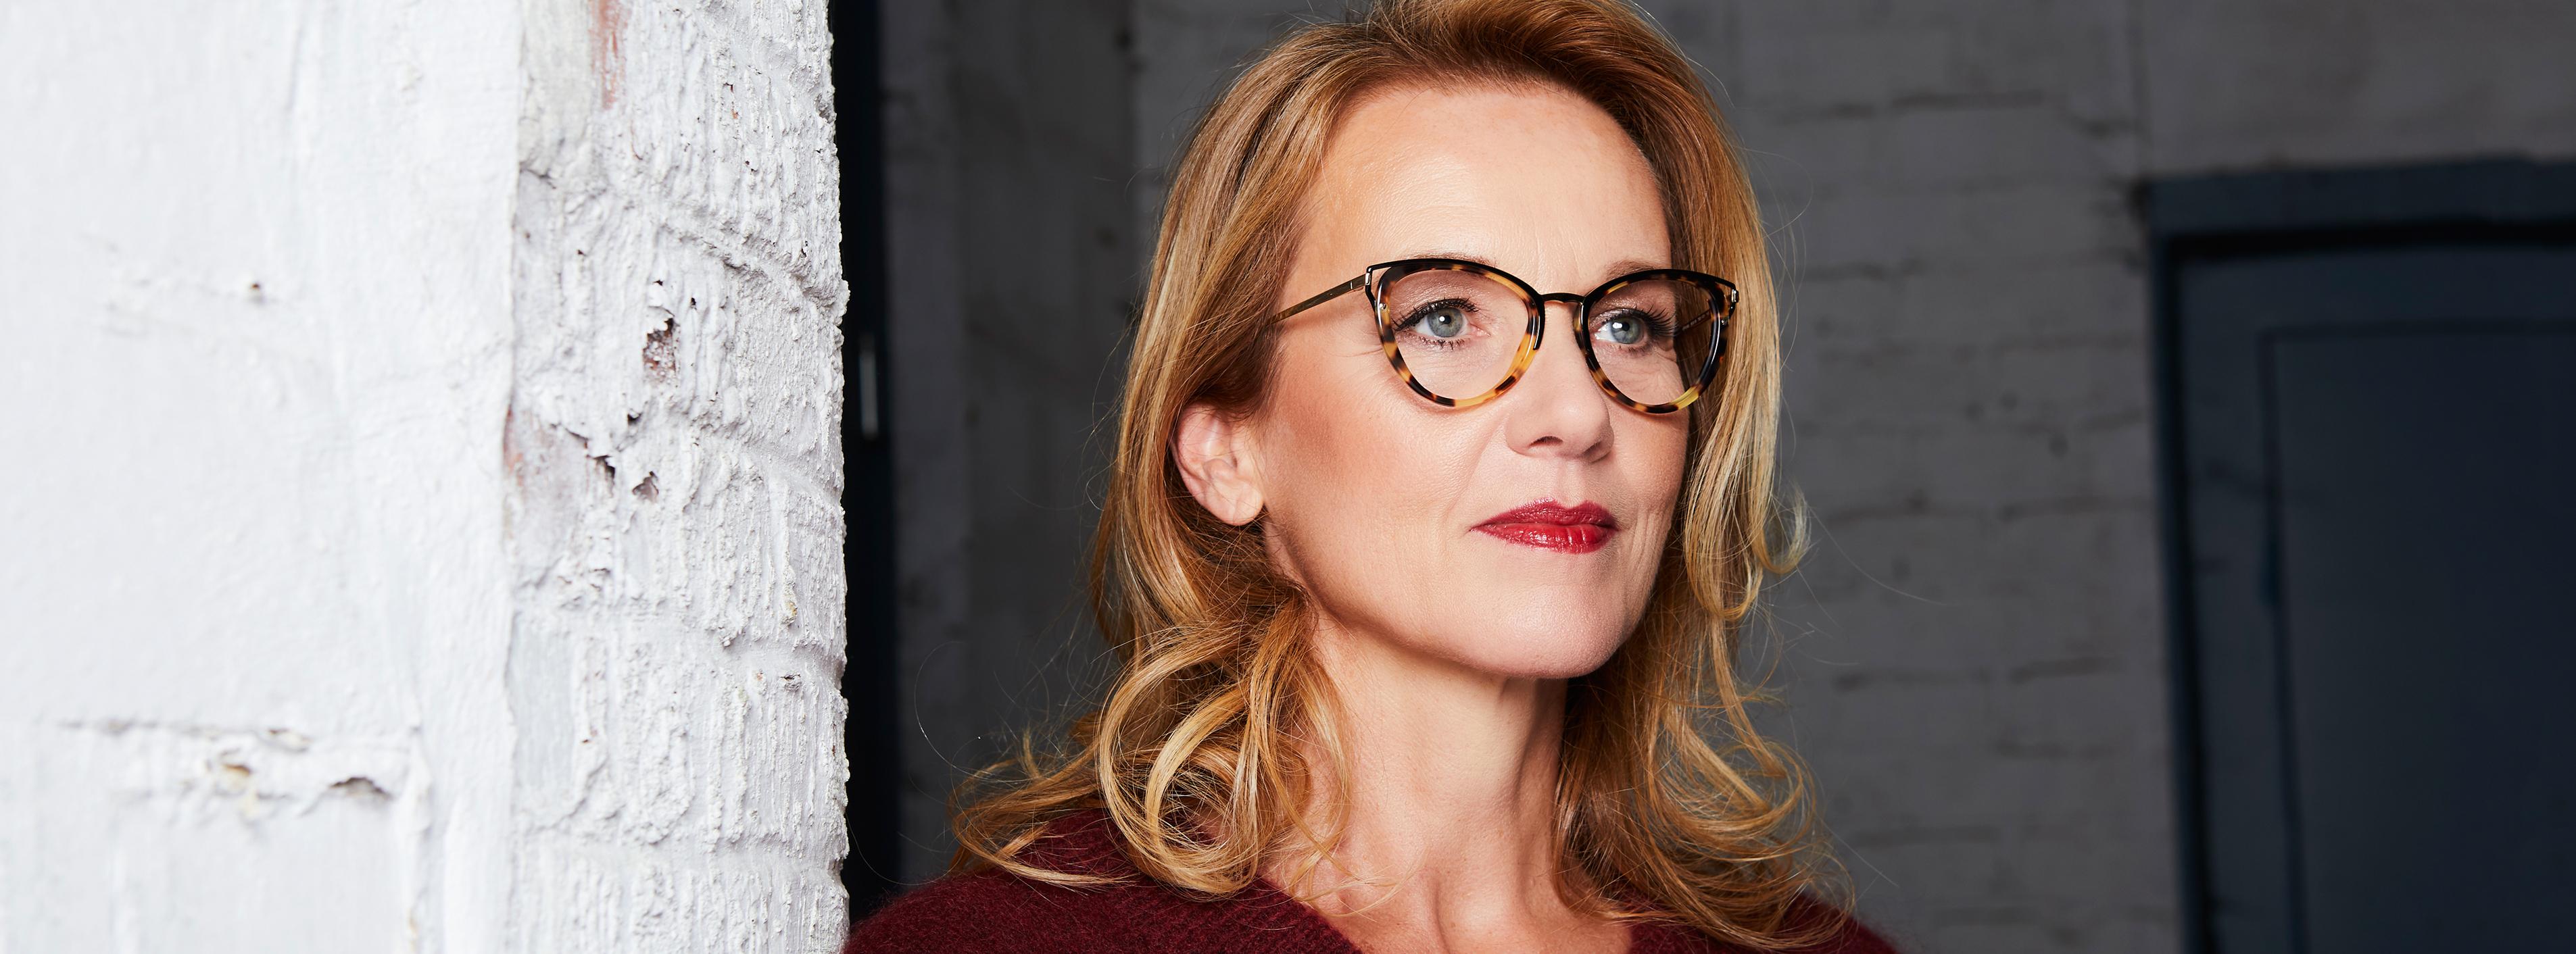 glad populair kopen nieuw ontwerp Prada brillen en optische monturen - Optiek Lammerant Deinze